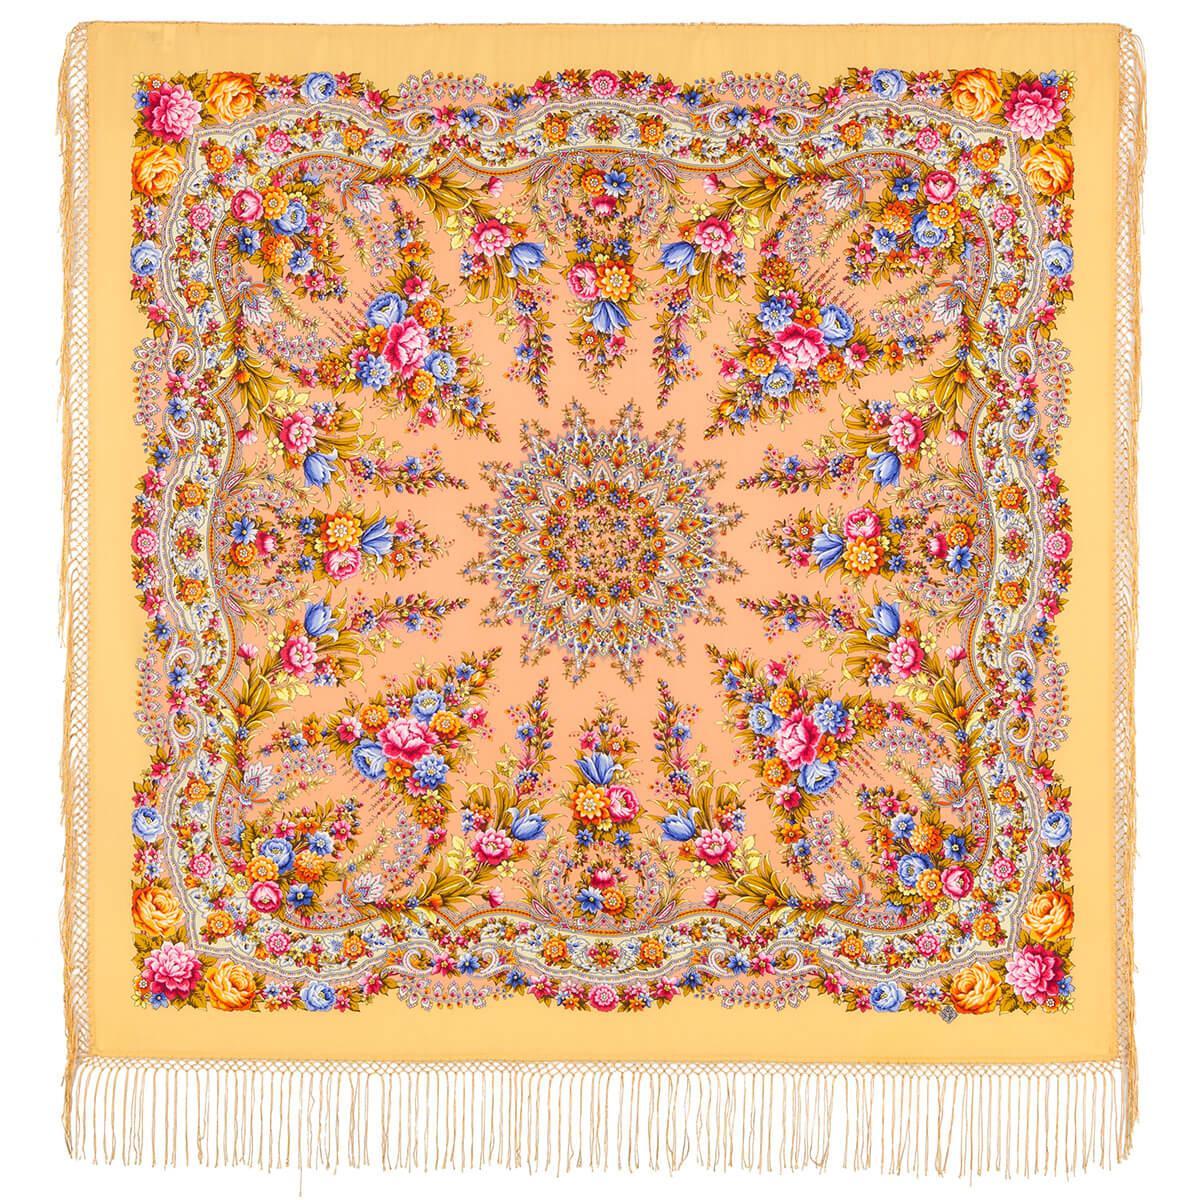 Павлопосадский платок Праздник огня 1739-2 (135х135 см)